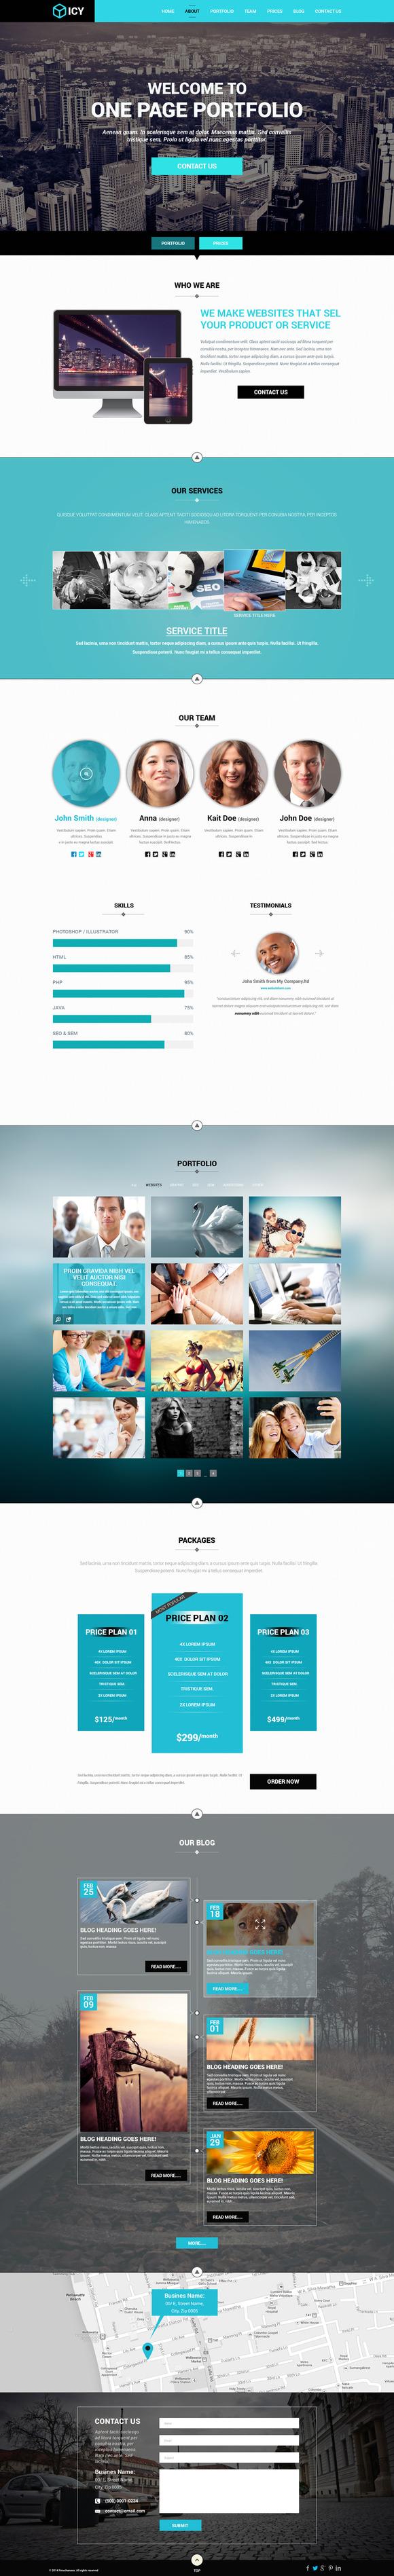 Icy OnePage Portfolio